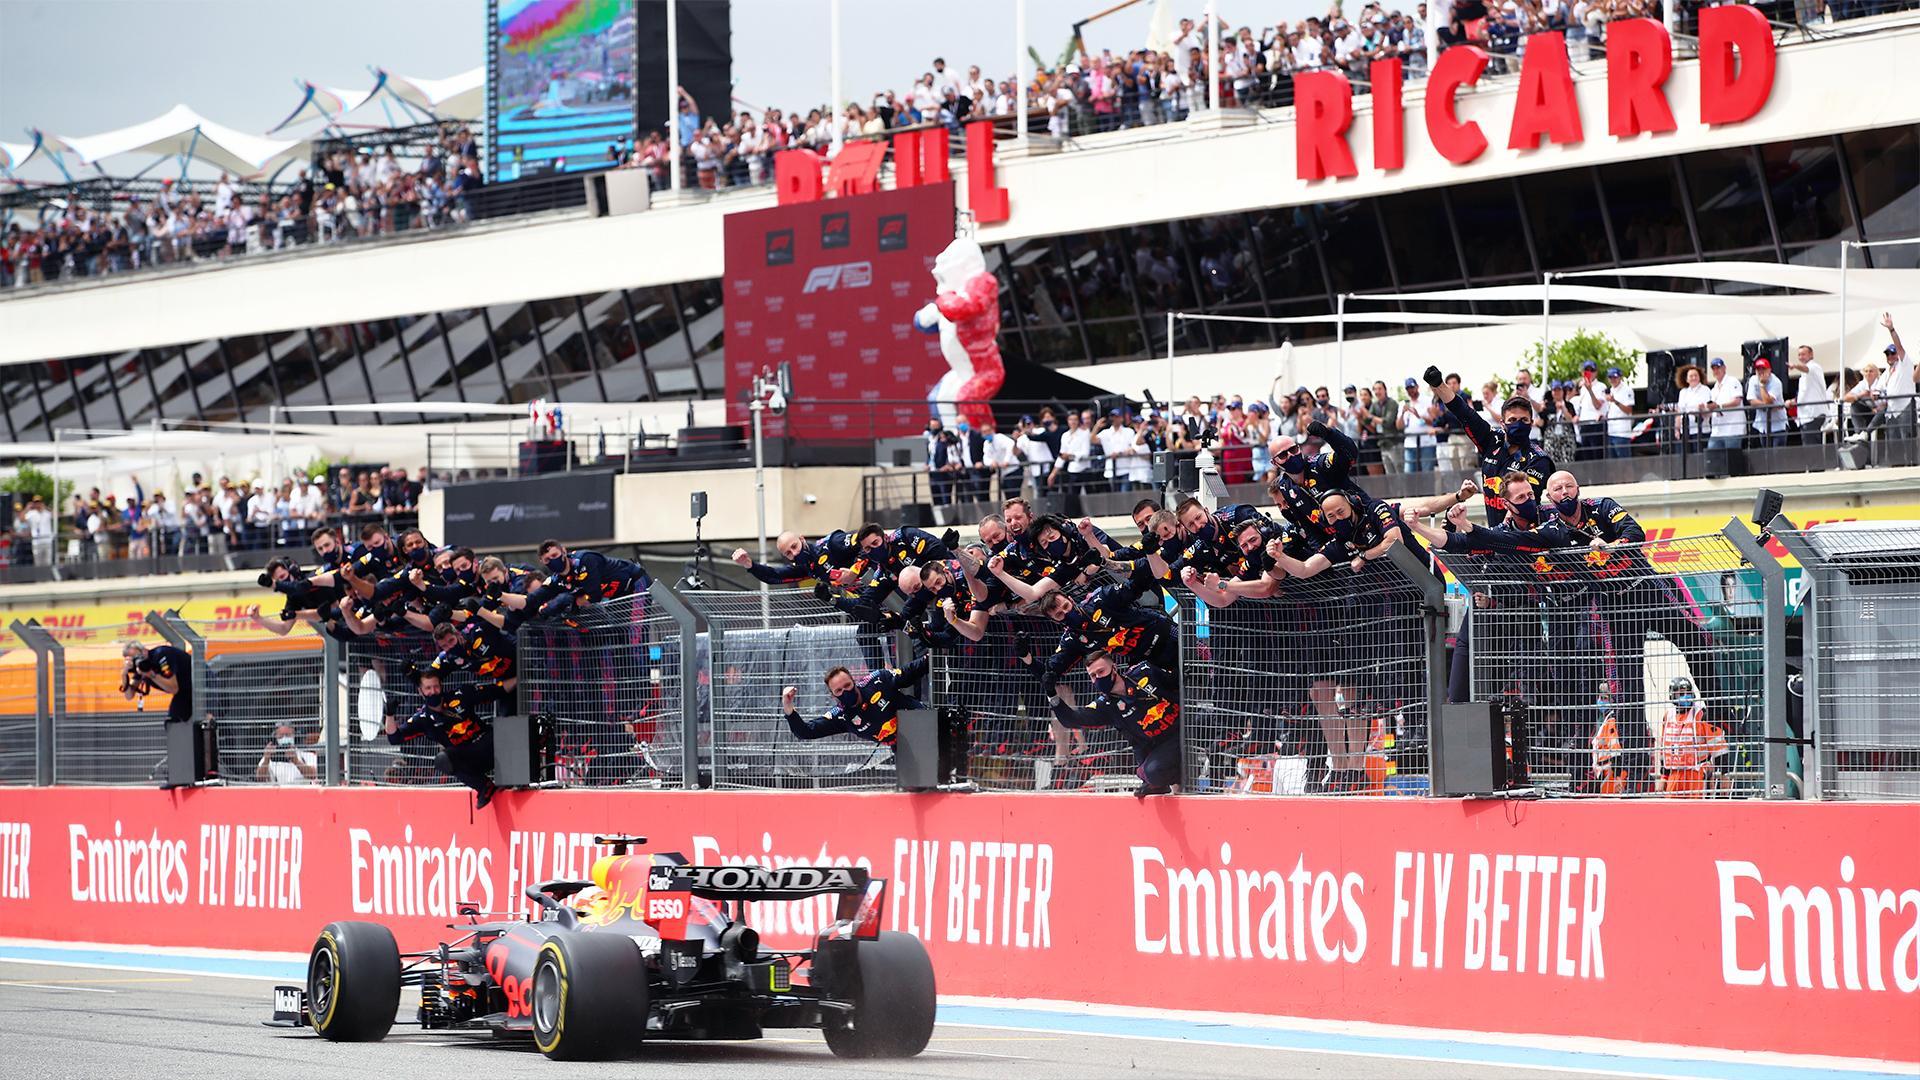 Gara del Gp di Francia: Verstappen vince con un sorpasso alla fine della gara, Ferrari fuori dai punti.